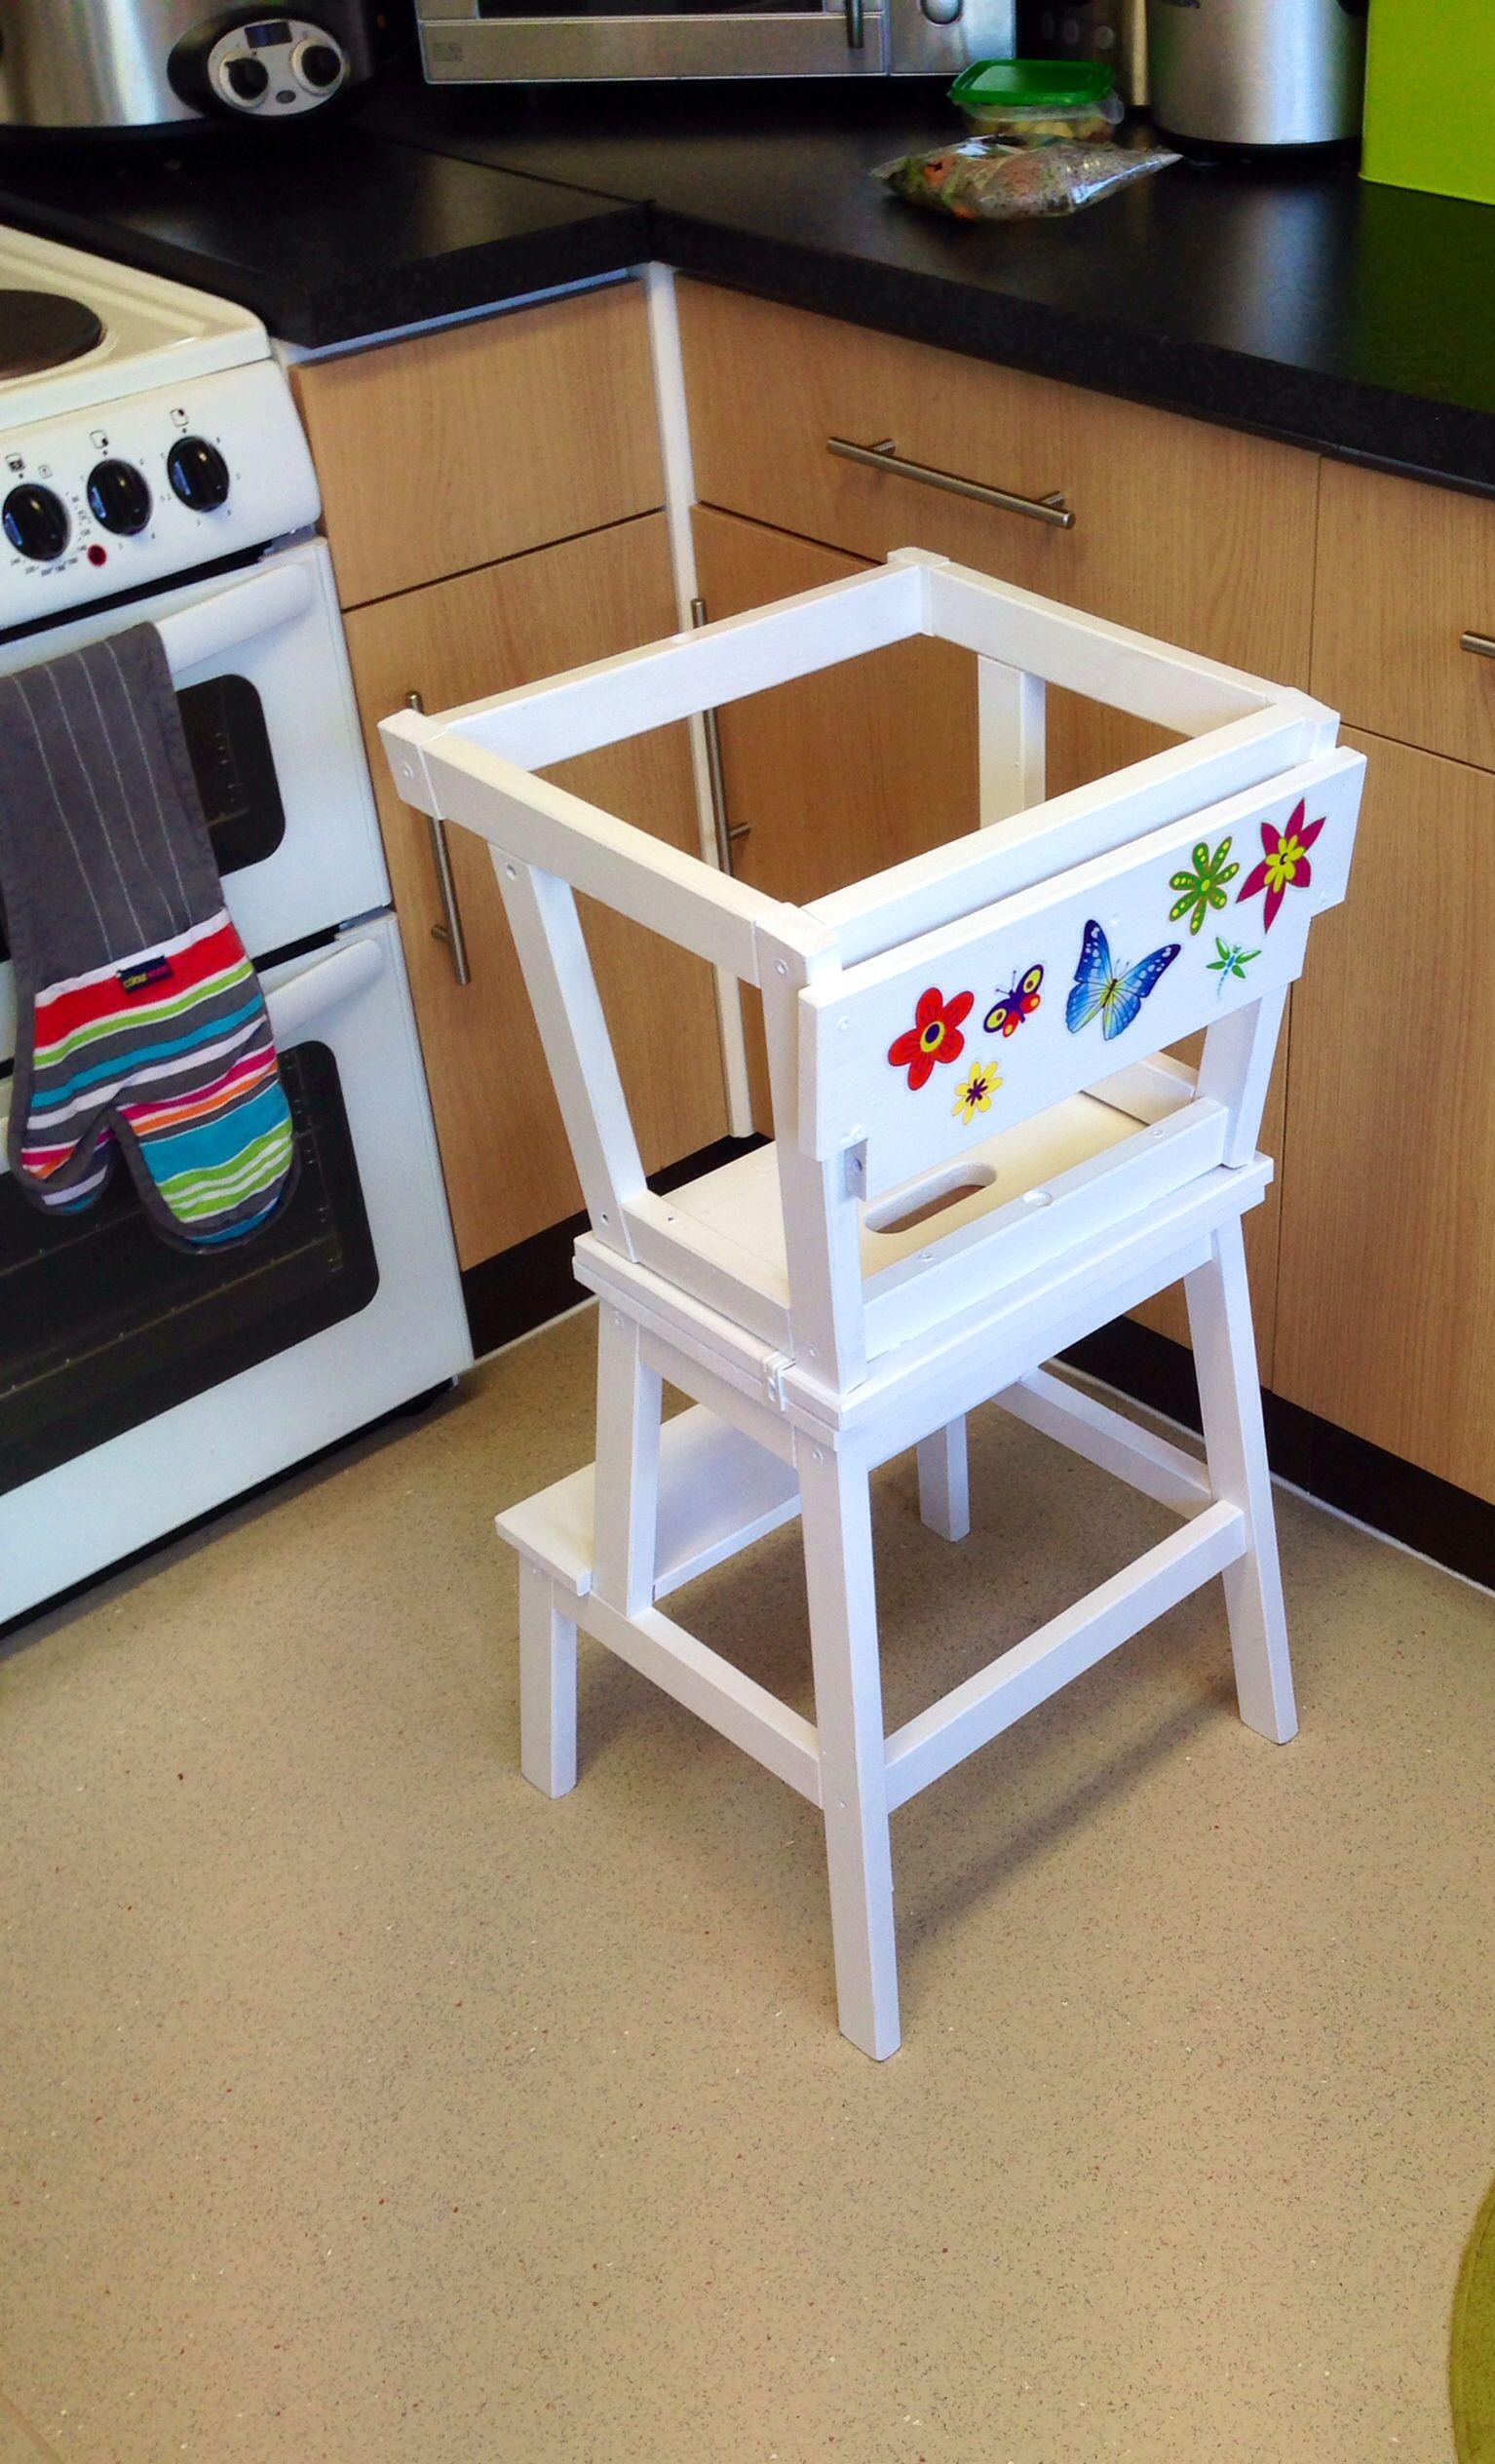 Ikea Küchen Tower ~ ikea hack learning tower ikea learning tower hack pinterest hacks, towers and learning